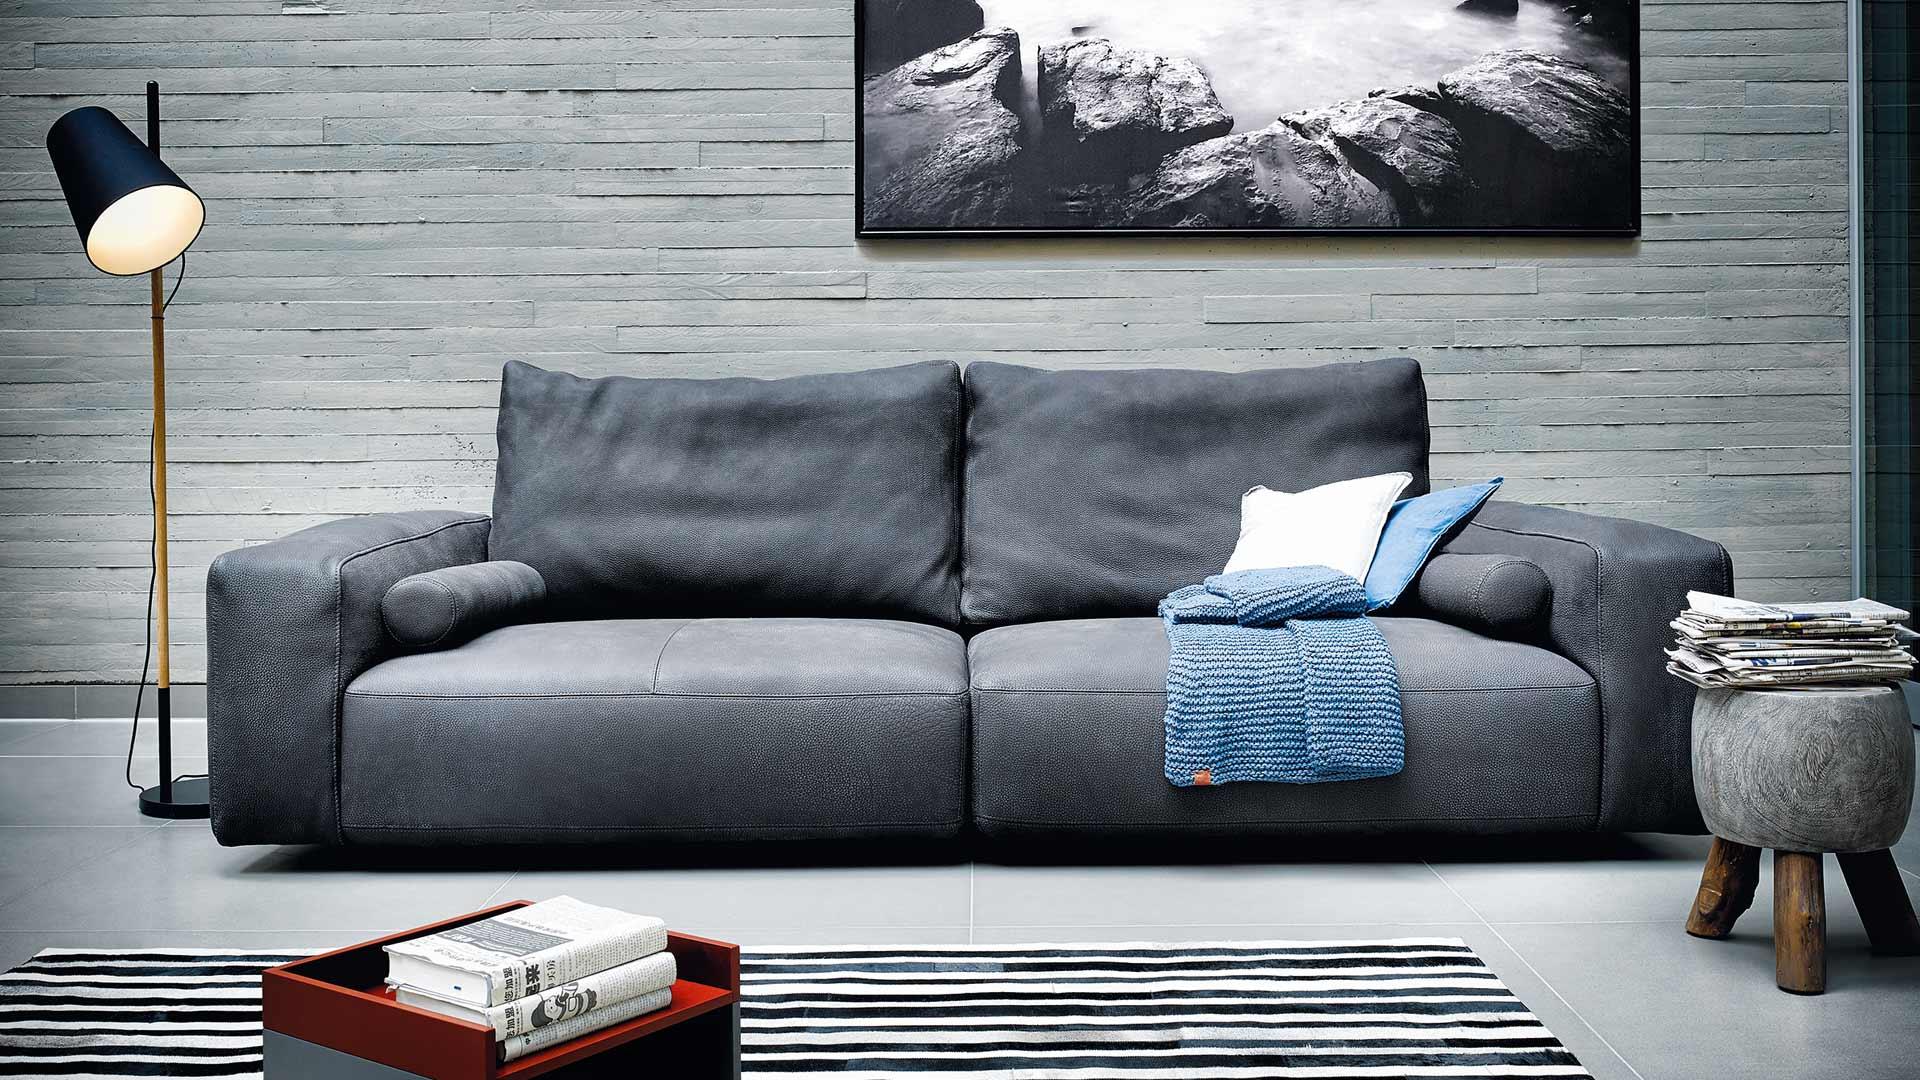 contur 7500 von contur einrichtungen in garbsen nahe hannover m bel hesse bestechende vielfalt. Black Bedroom Furniture Sets. Home Design Ideas